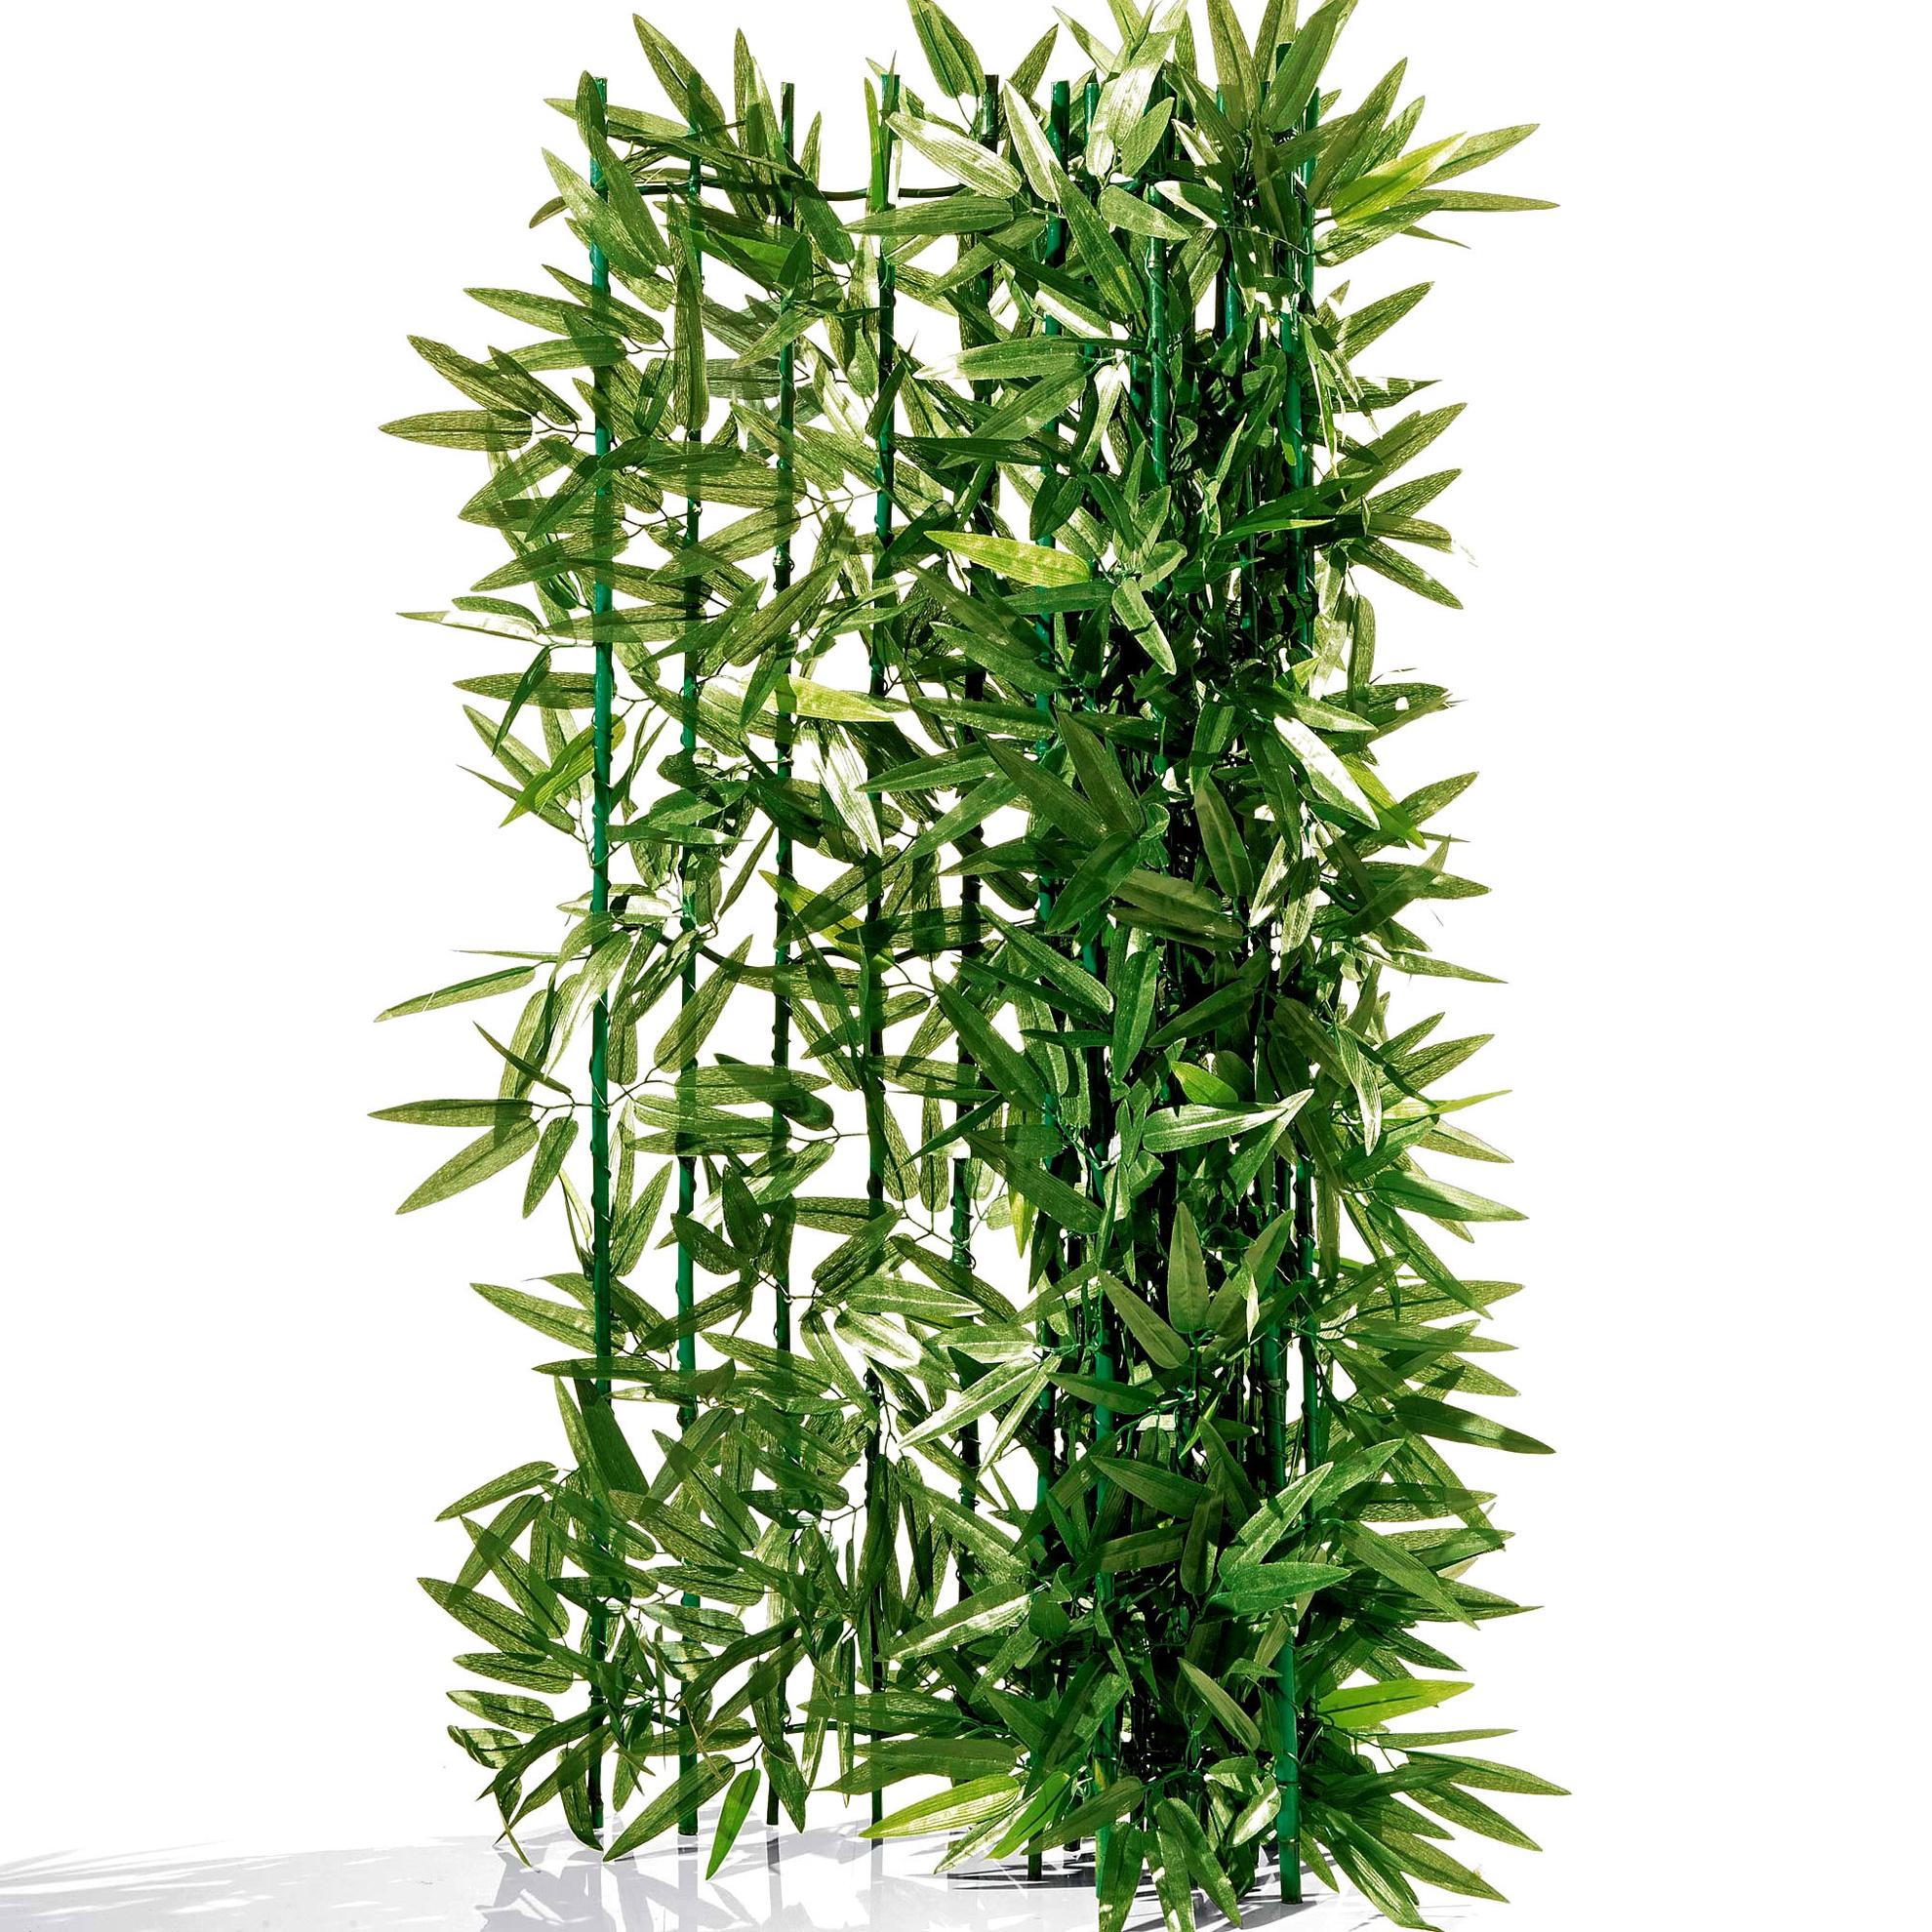 Sichtschutzhecke Bambus Jetzt Bei Weltbild De Bestellen